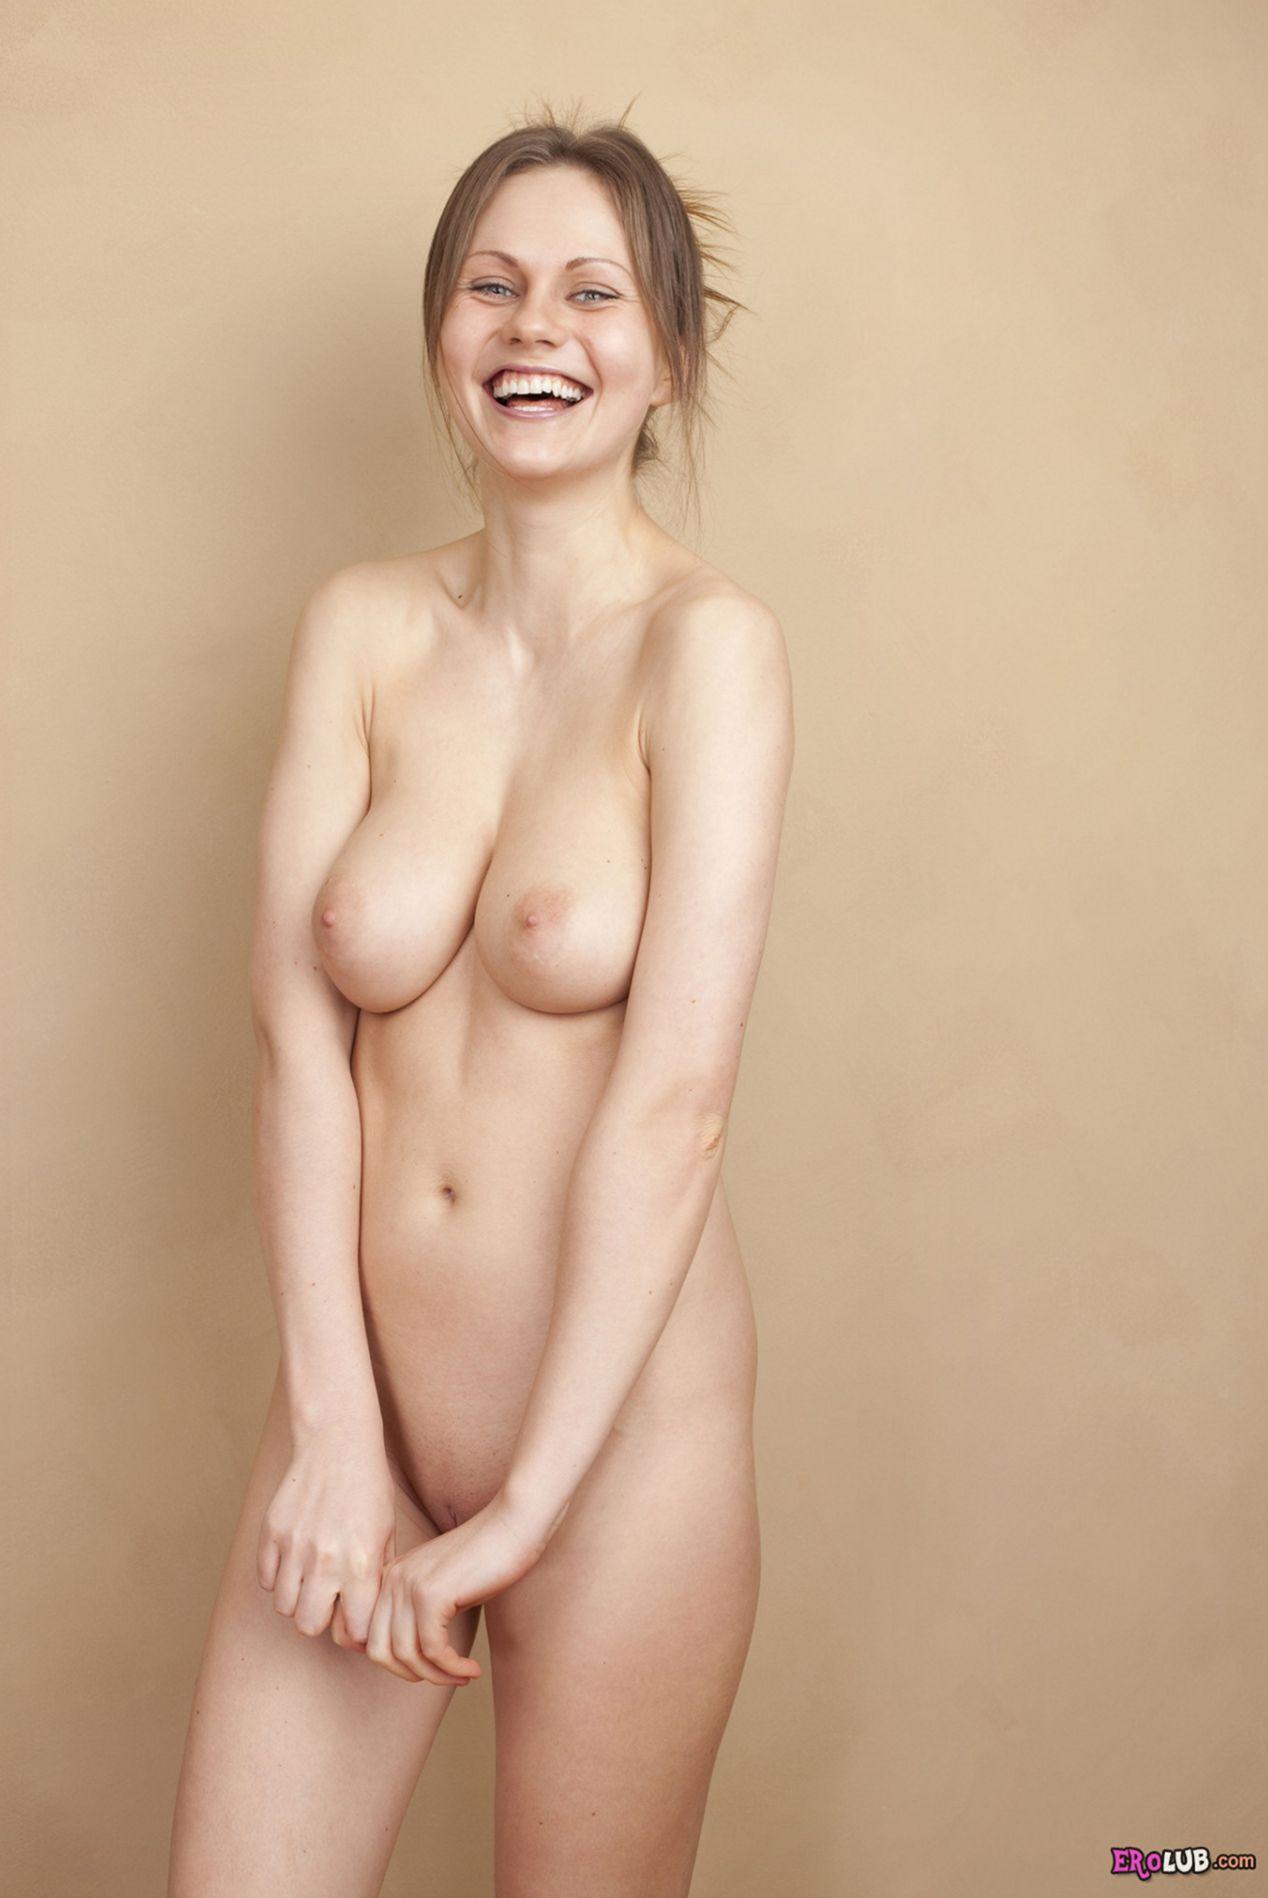 Голые модели » Эротика фото голых девушек на golovstvo.ru